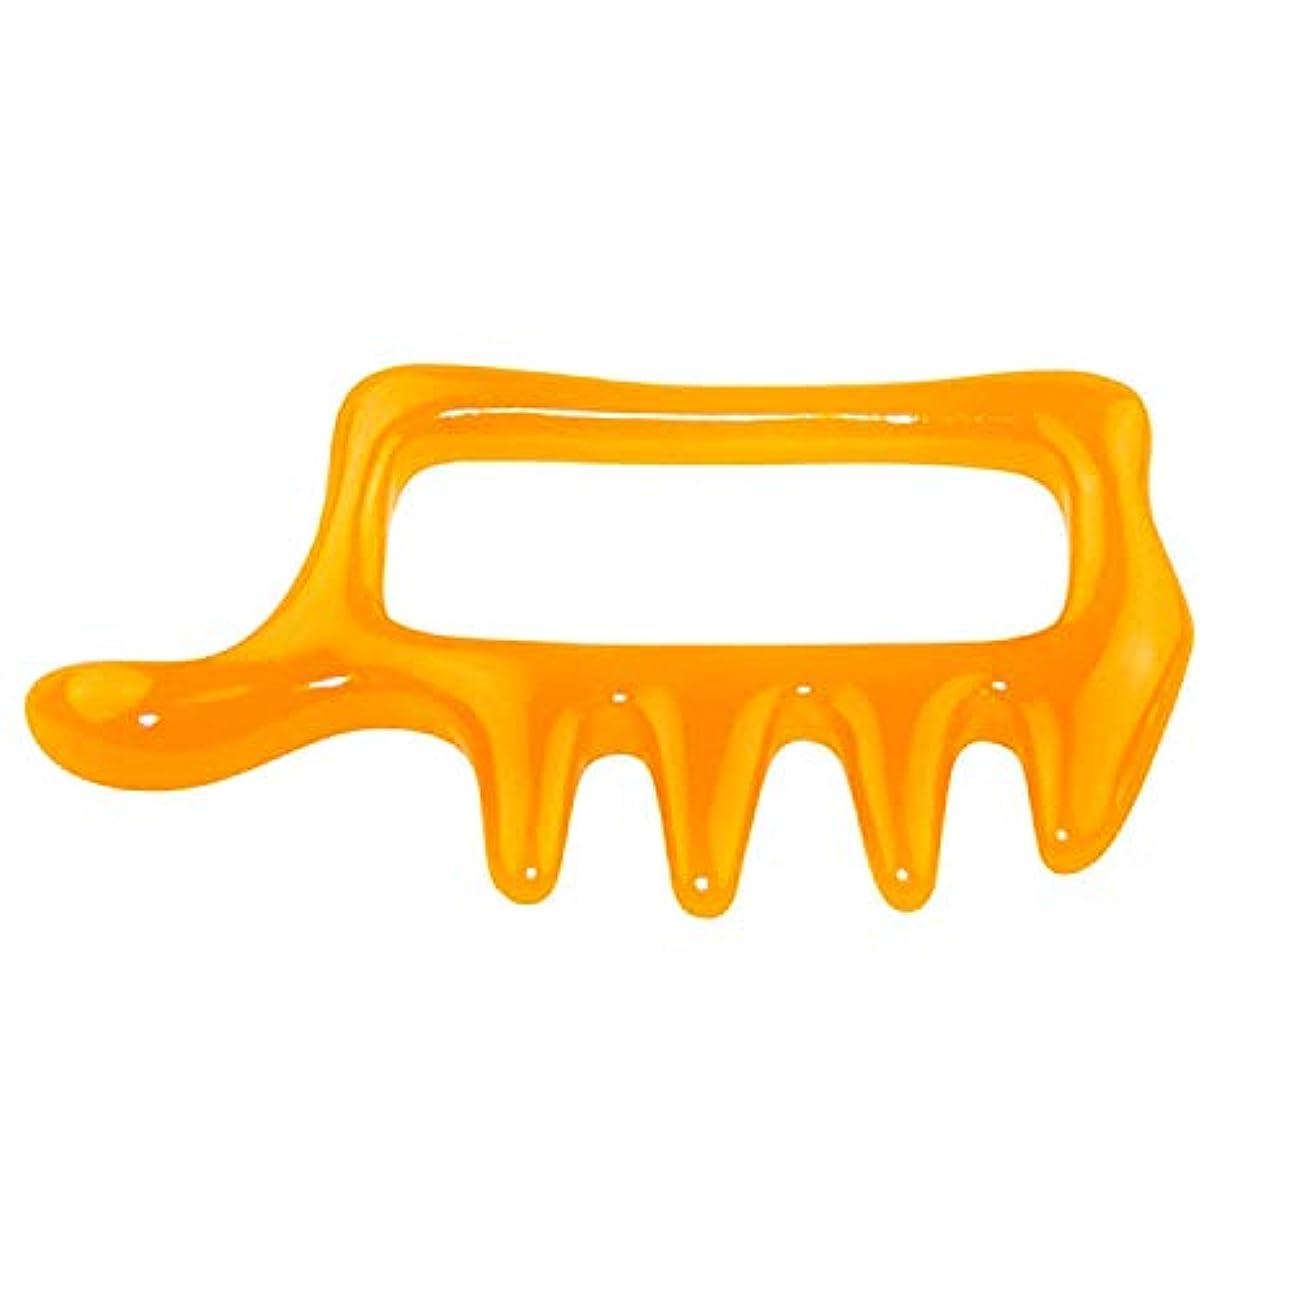 計器コーデリア要件カッサ ツボ押し棒 いいね形 洗える刮?プレート 持ちやすく押しやすい特殊な形 背中?首筋を女性でも強く指圧 岩盤浴や入浴中にも使えるマッサージ棒